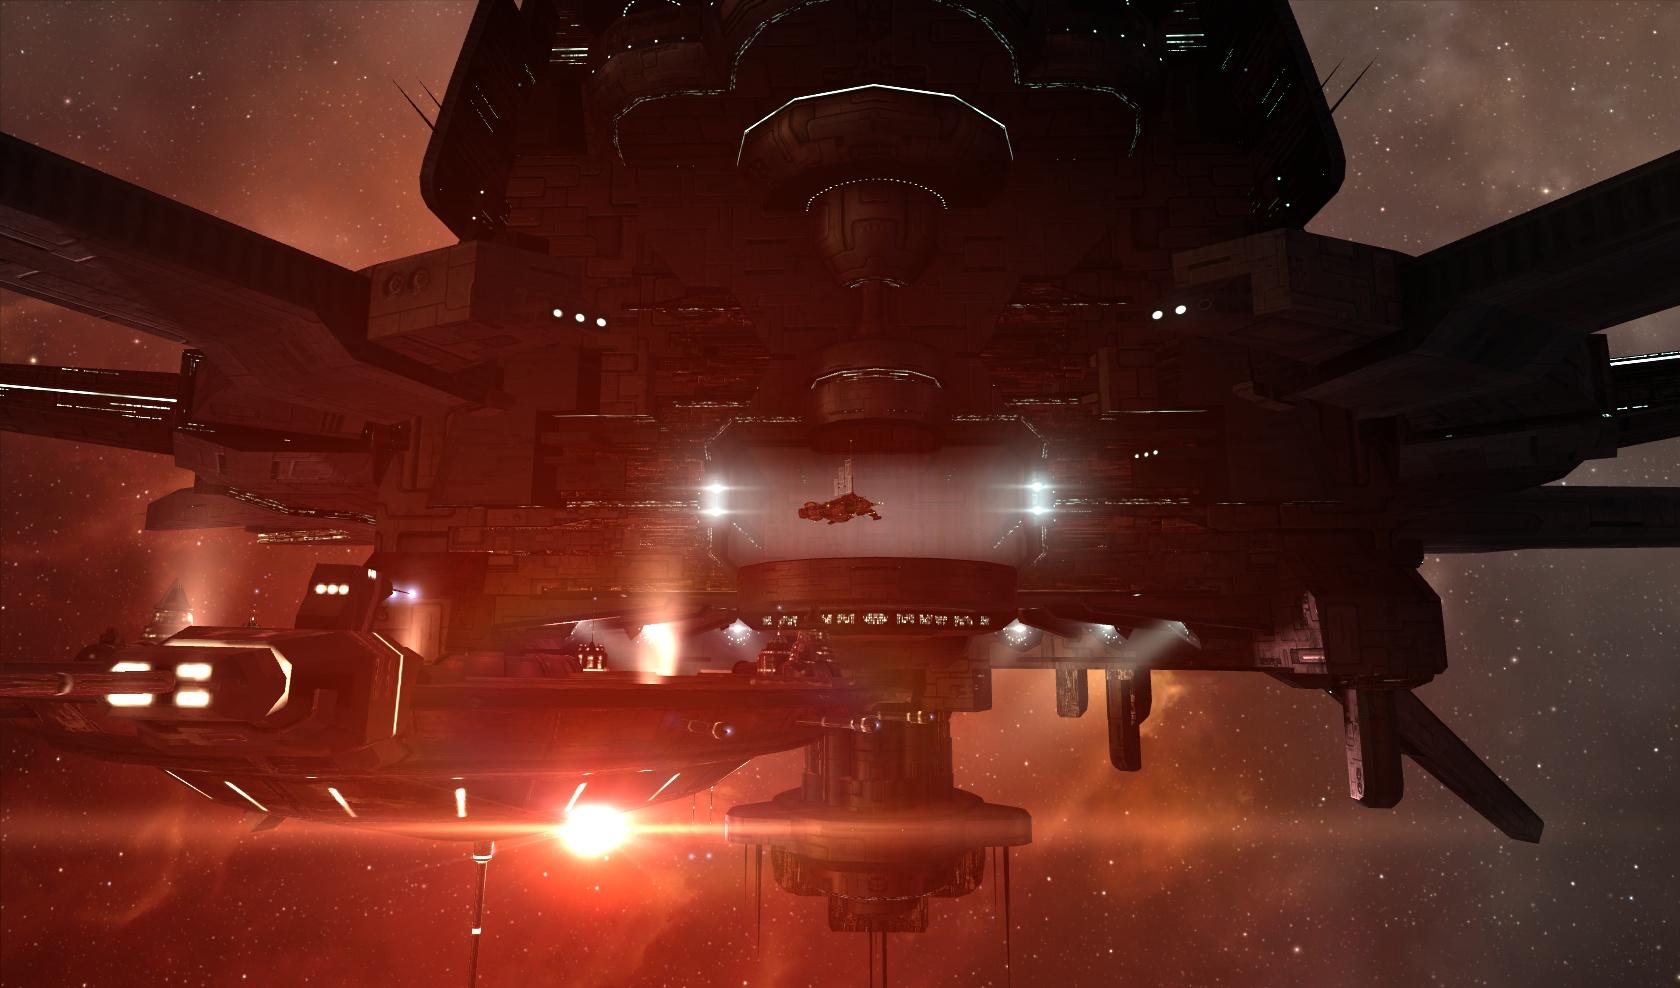 wraith-docking